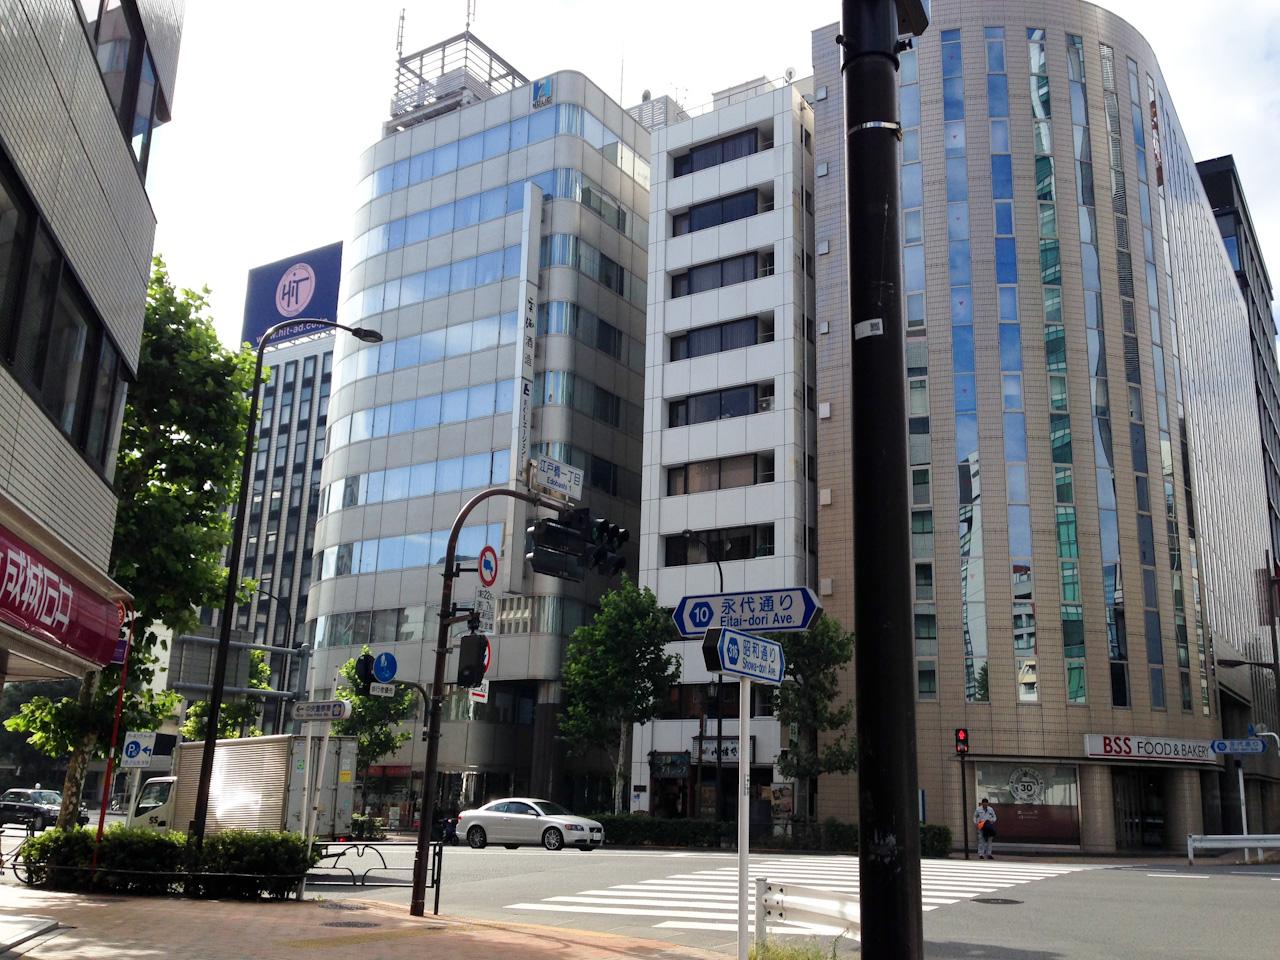 昭和通り 永代通り 交差点